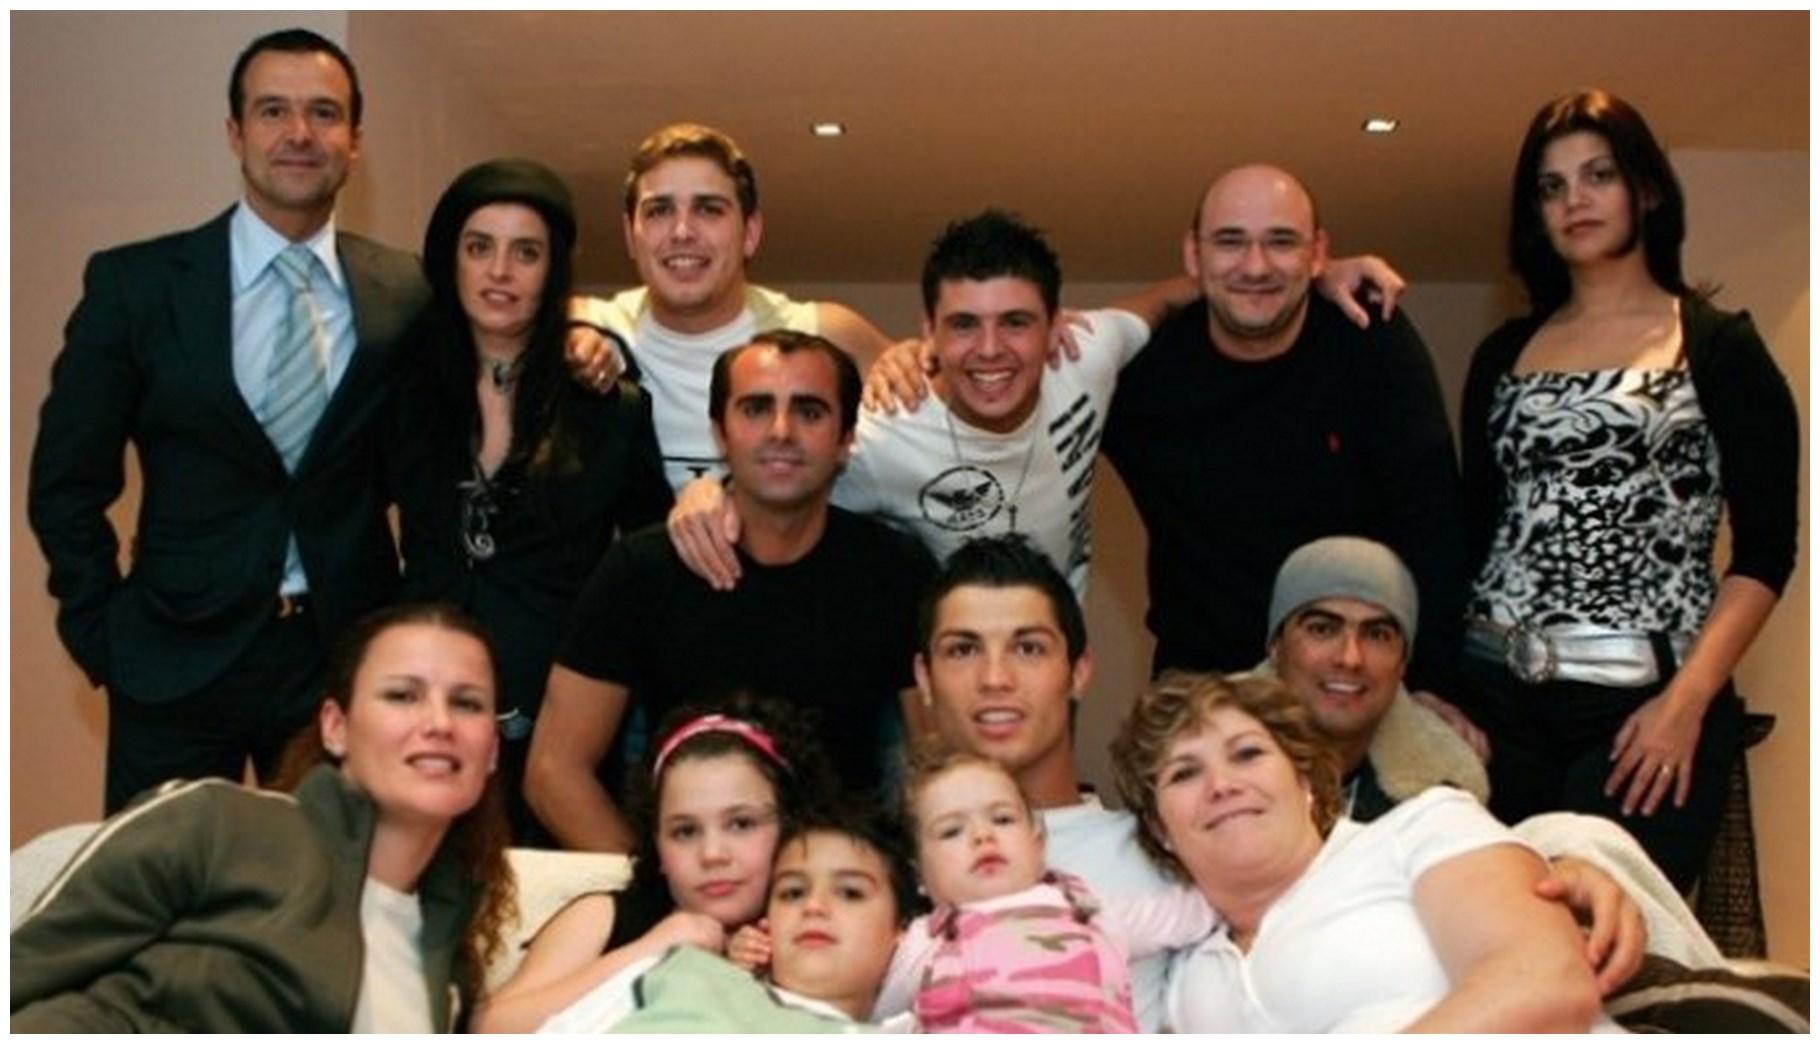 Cristiano Ronaldo USA Footballer & best family photos downlaod